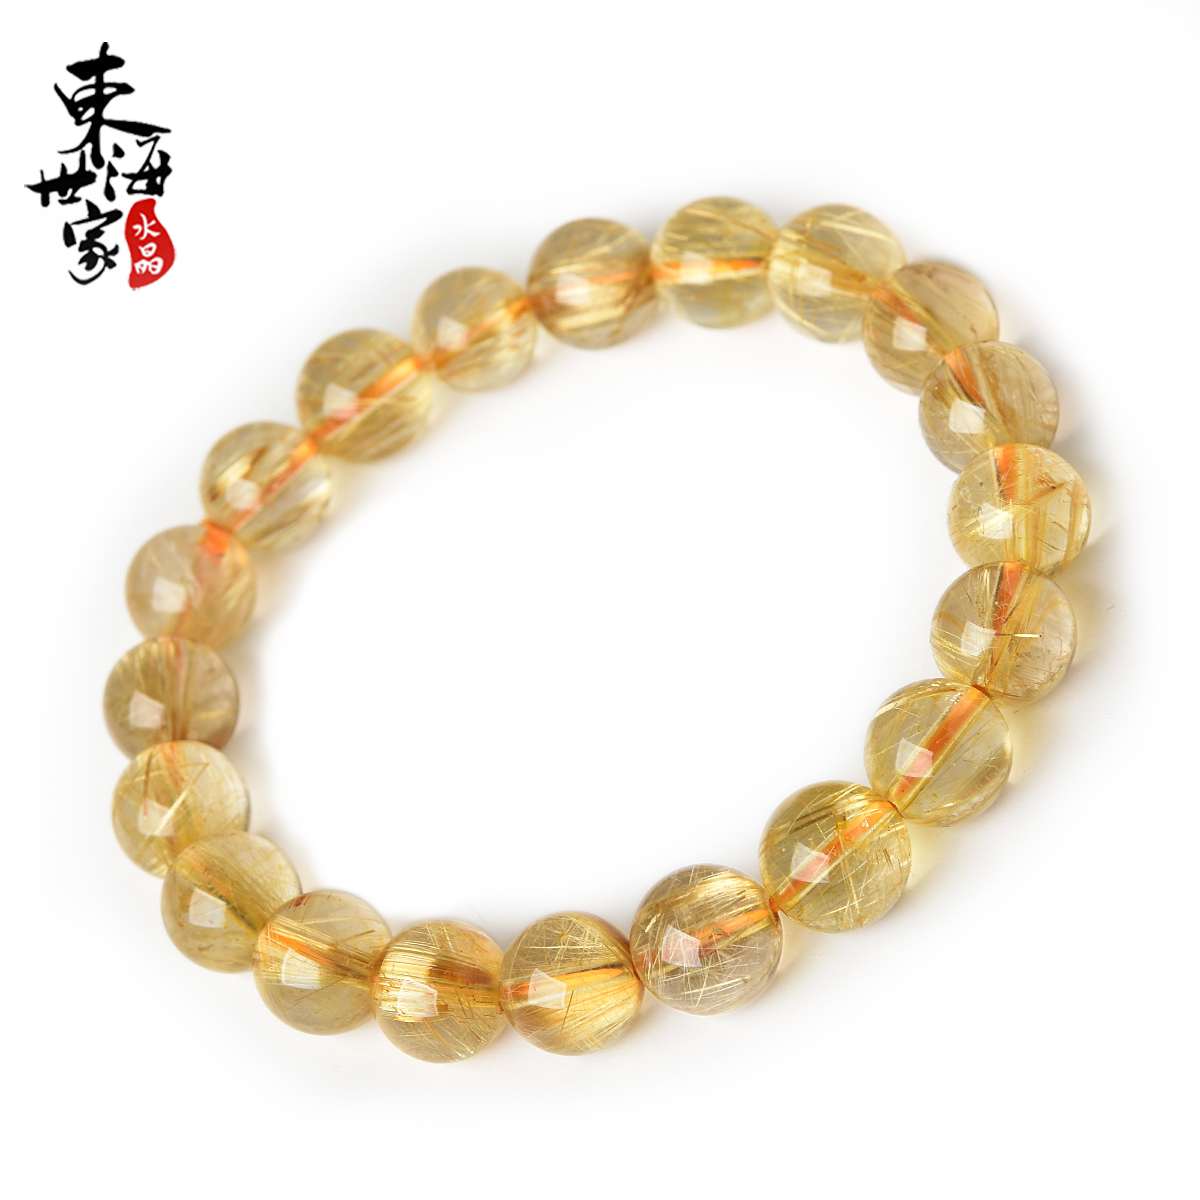 东海世家发晶手链 金发晶钛晶单圈手串时尚水晶饰品礼物一物一图